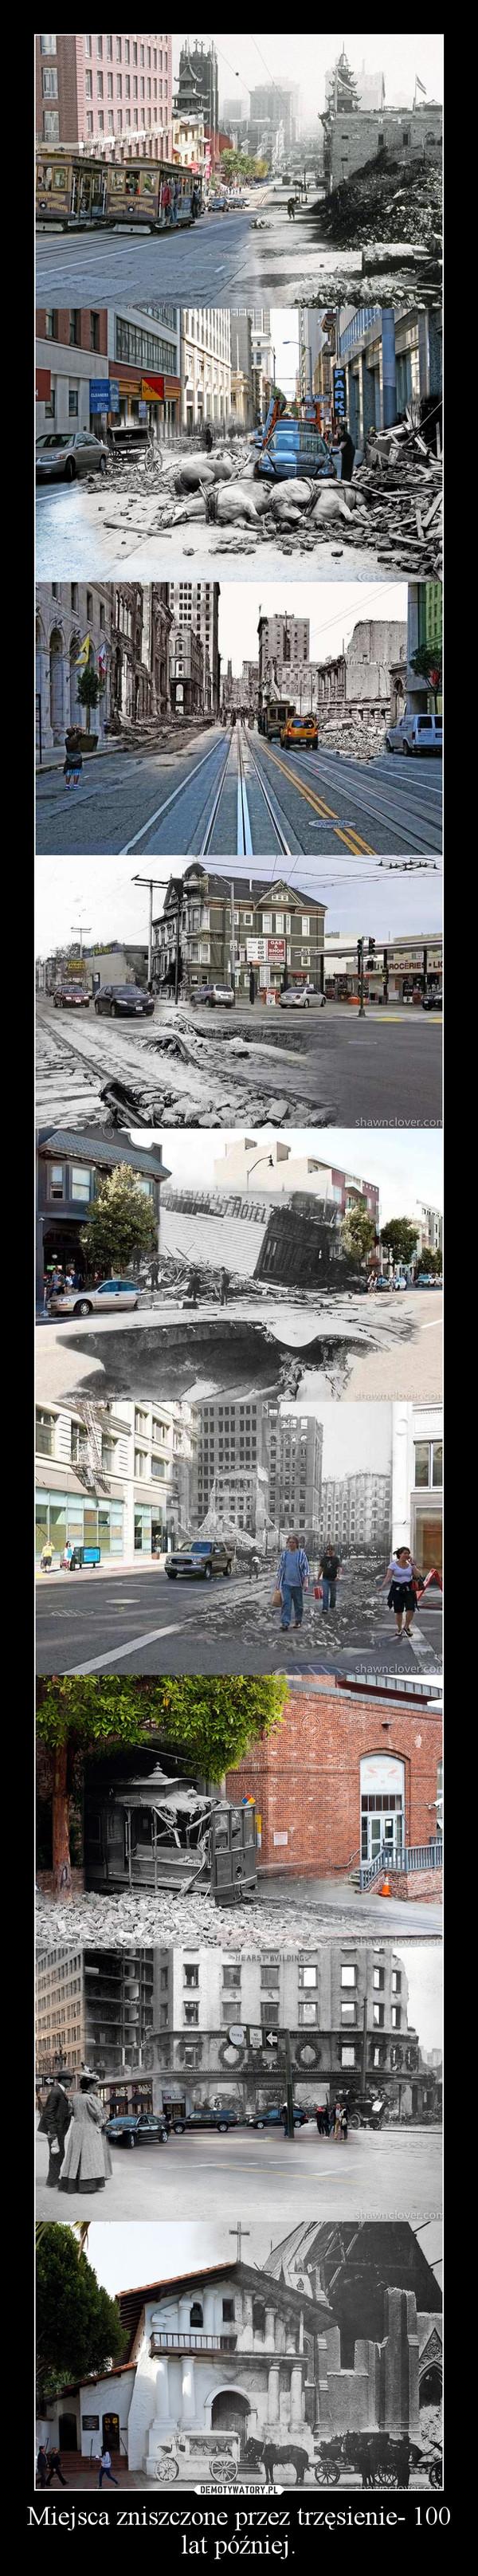 Miejsca zniszczone przez trzęsienie- 100 lat później. –